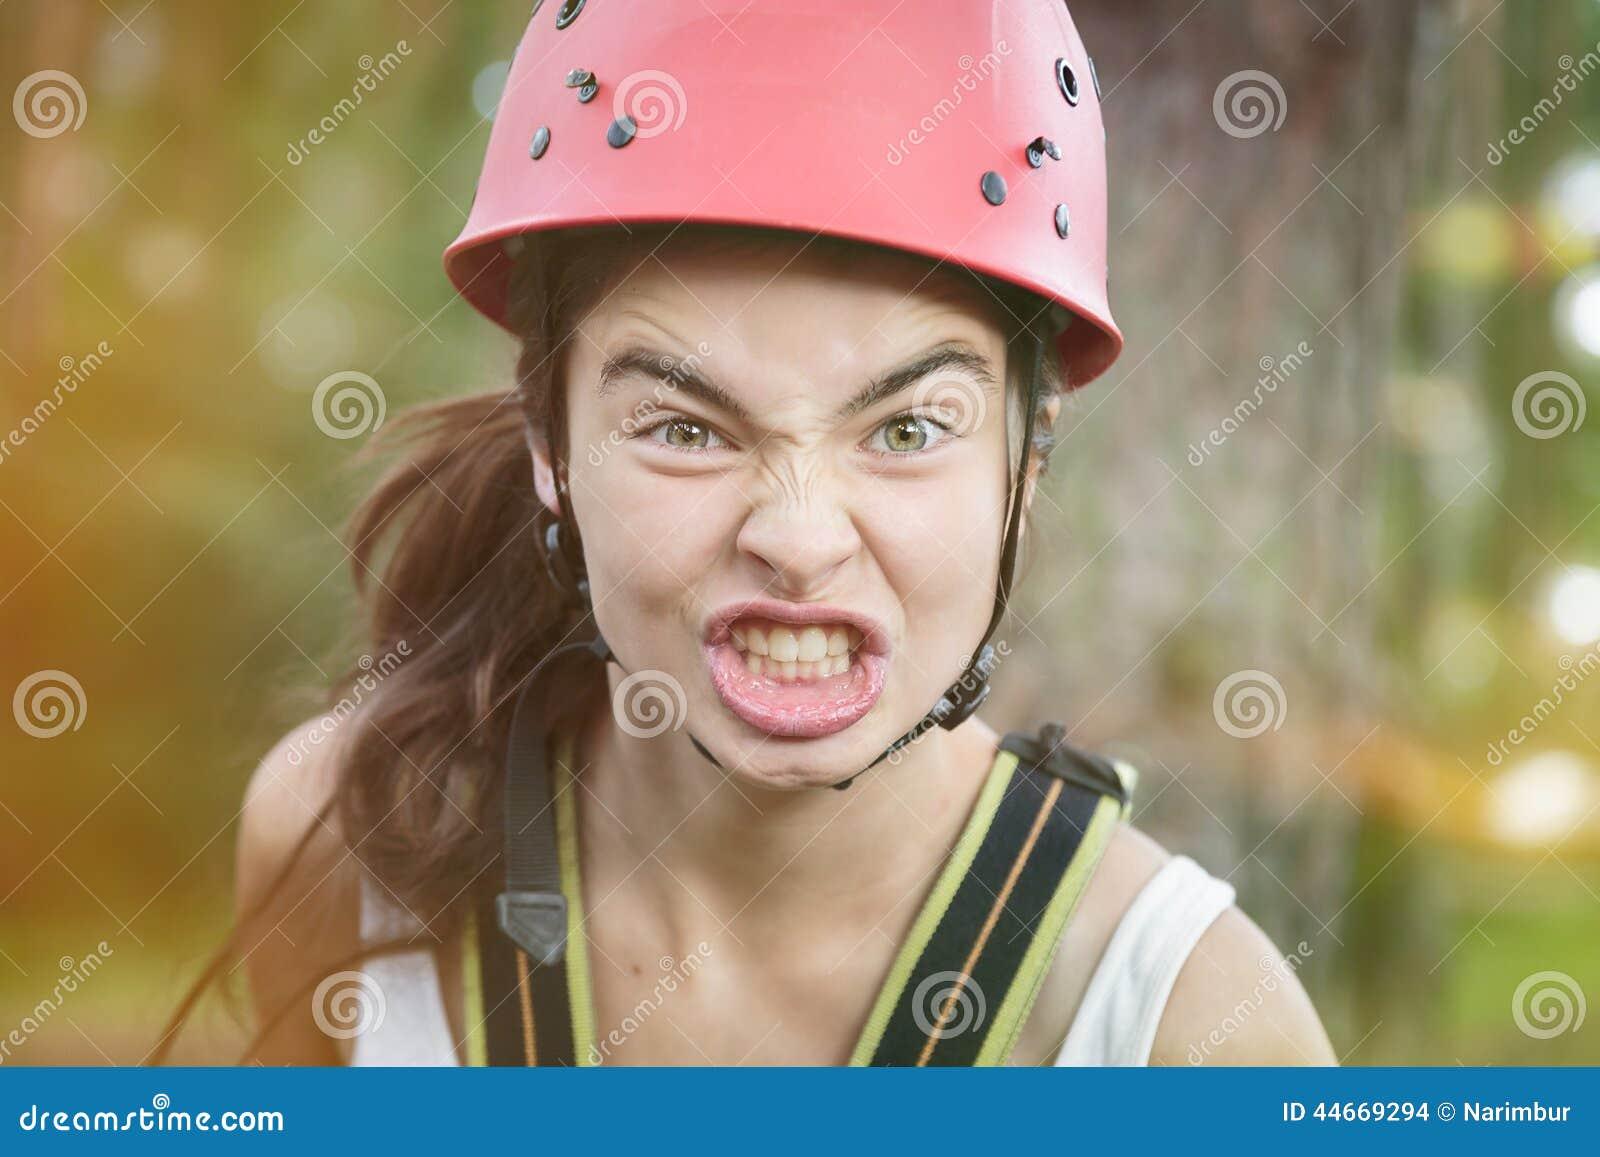 Furious teenager girl